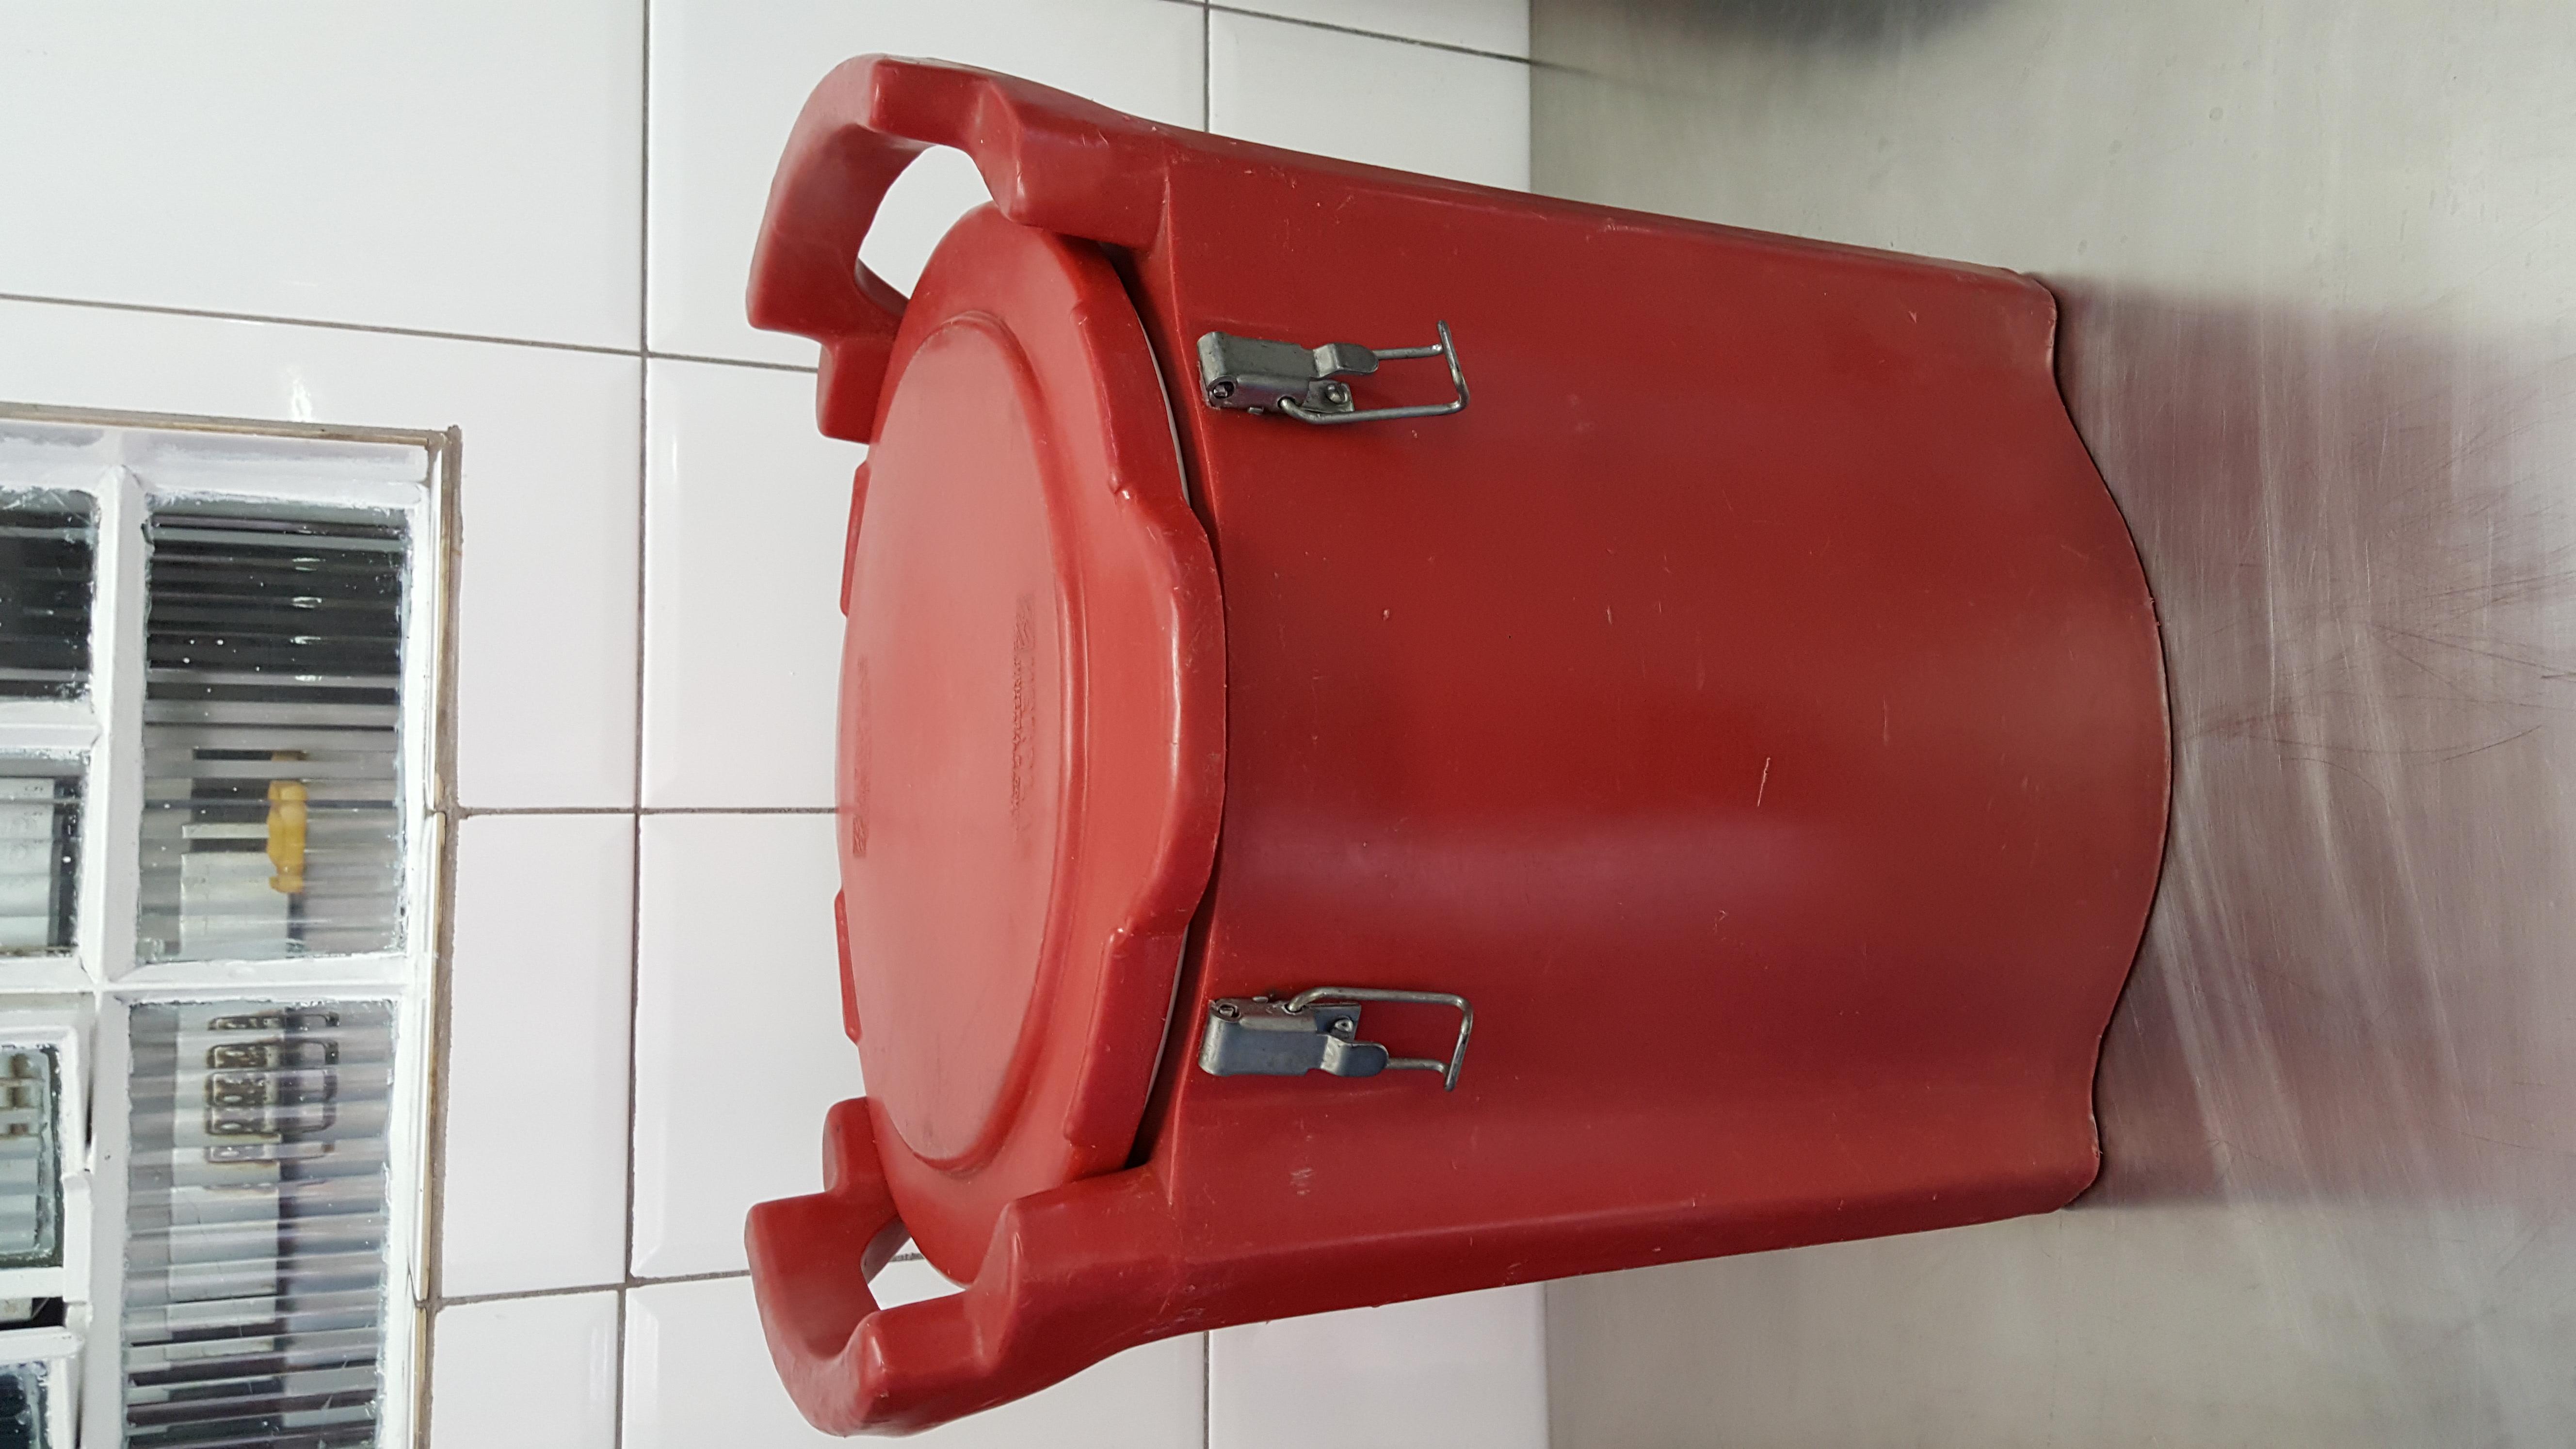 Hot Box Vermelho Fechado